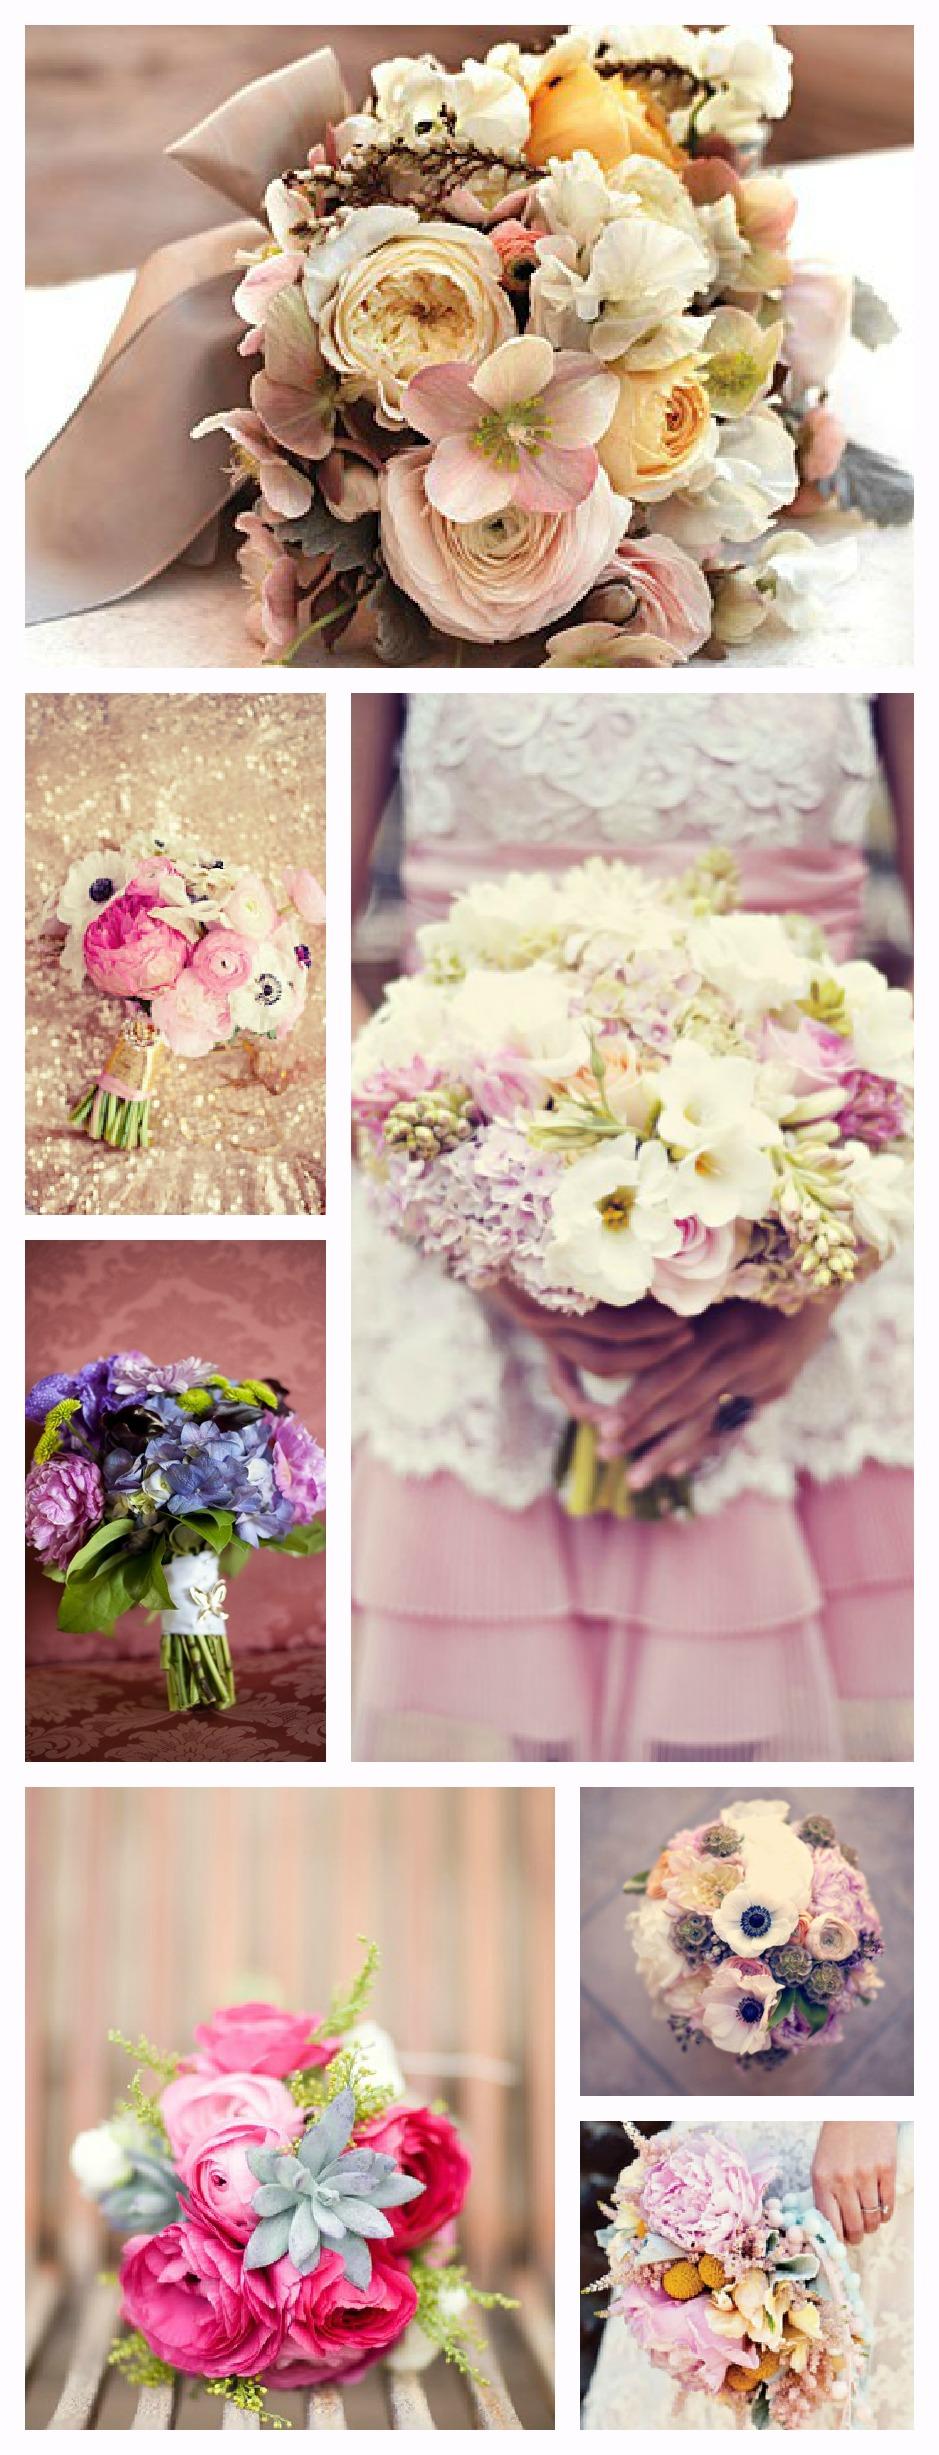 Jolis bouquets de mariées originaux, colorés et romantiques